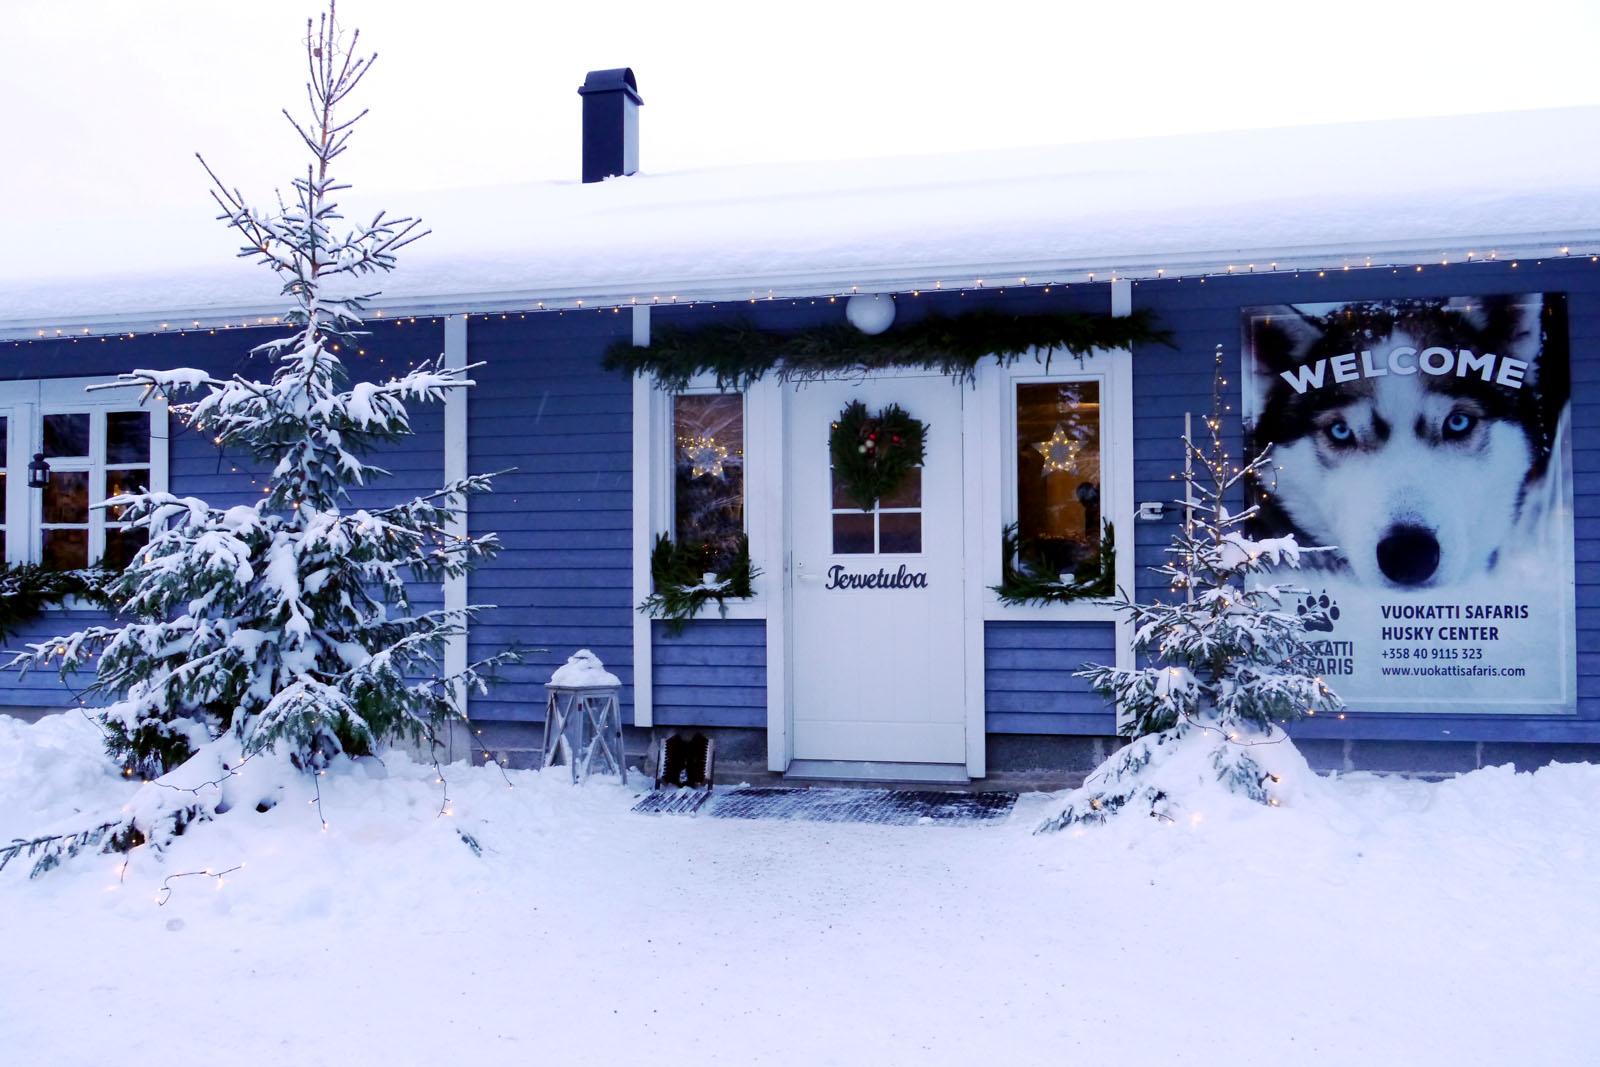 Schlittenhund Tour-Vuokatti-Finnland-Winter-5